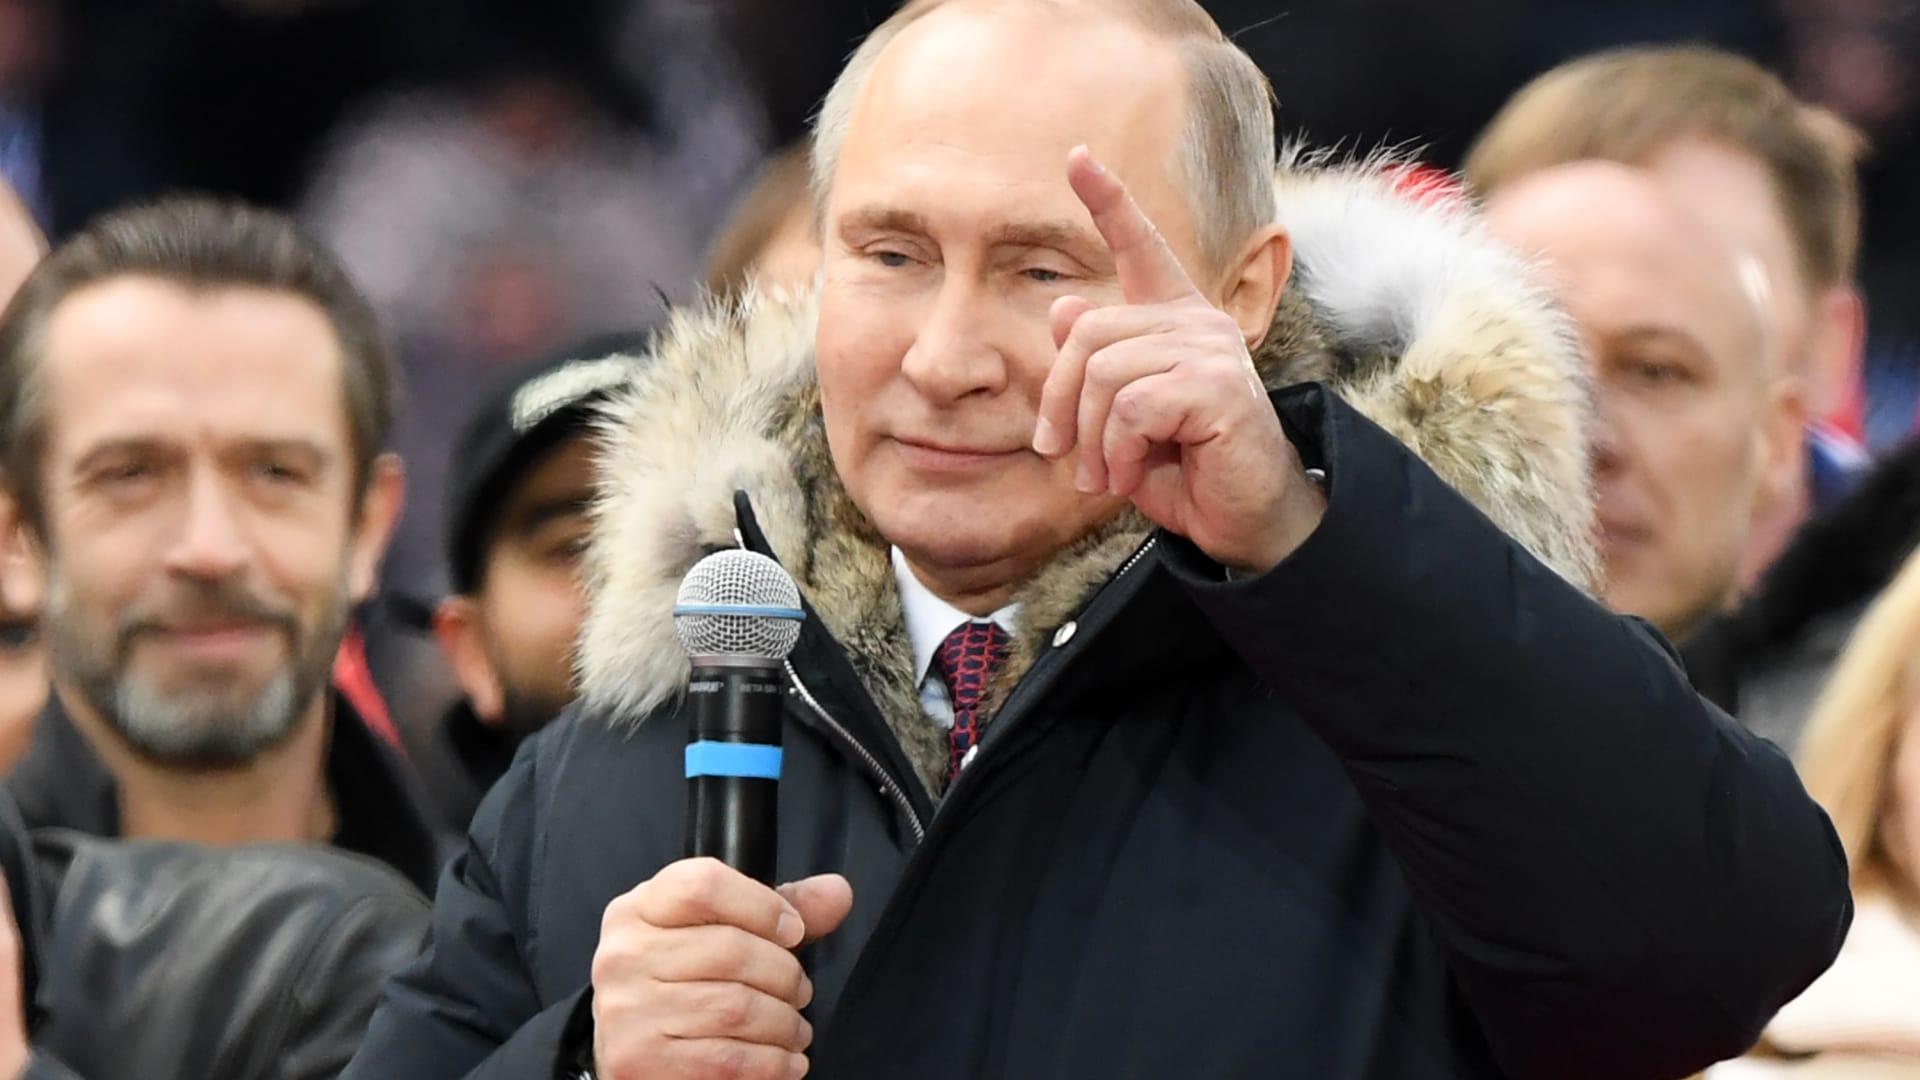 رد فعل يهودي غاضب بعد إشارة بوتين لإمكانية تدخلهم بانتخابات أمريكا